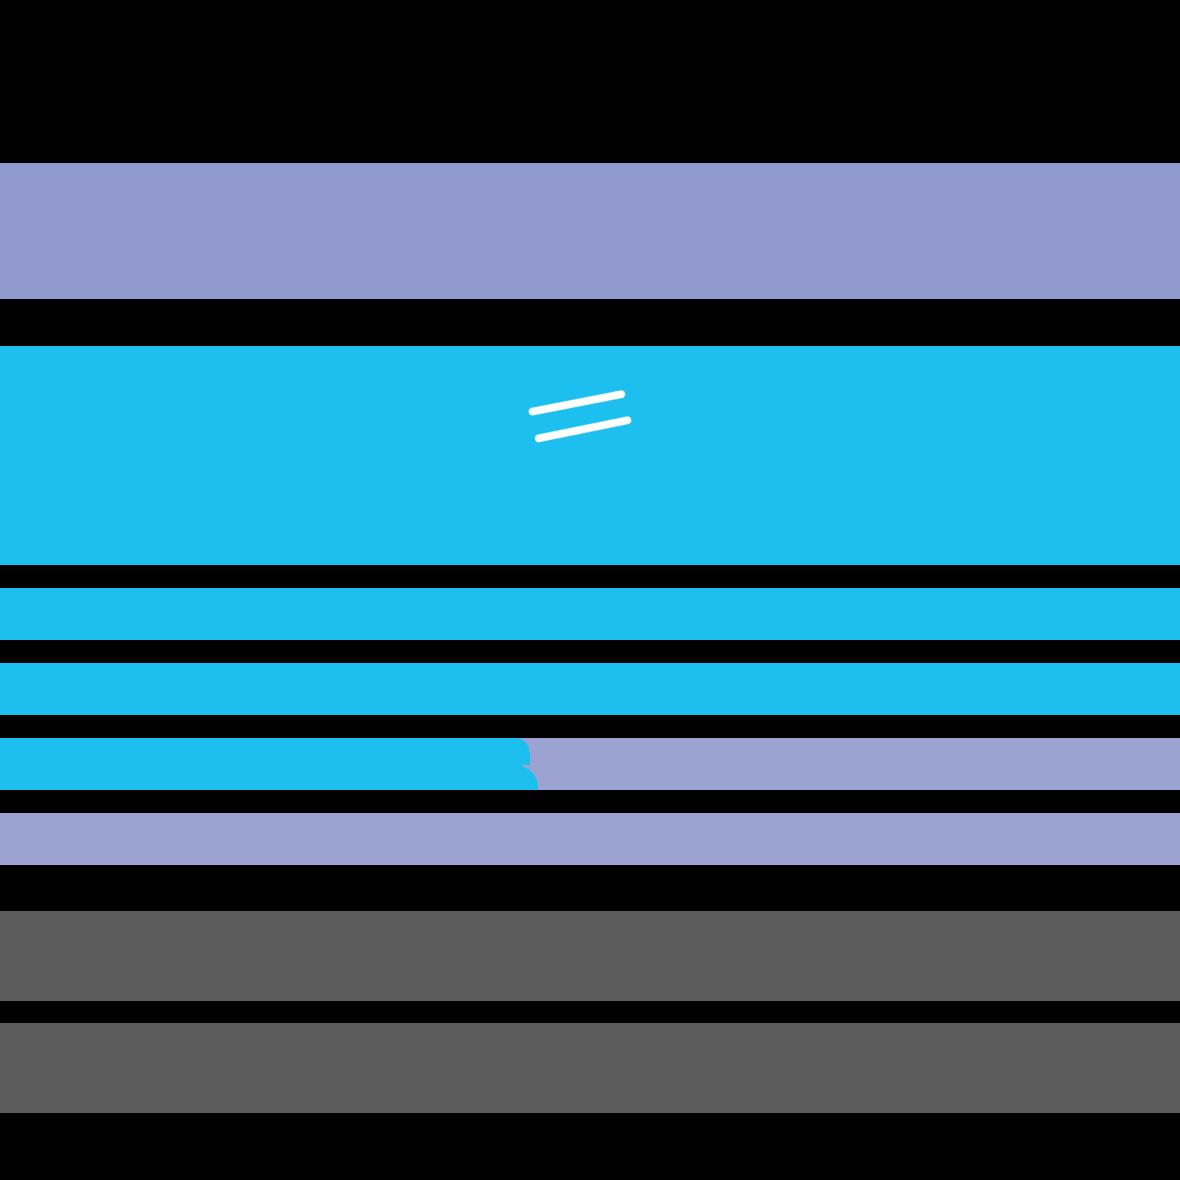 Inforgrafiikka: 69 % nuorista ottaa kantaa ja toimii tasa-arvon puolesta.